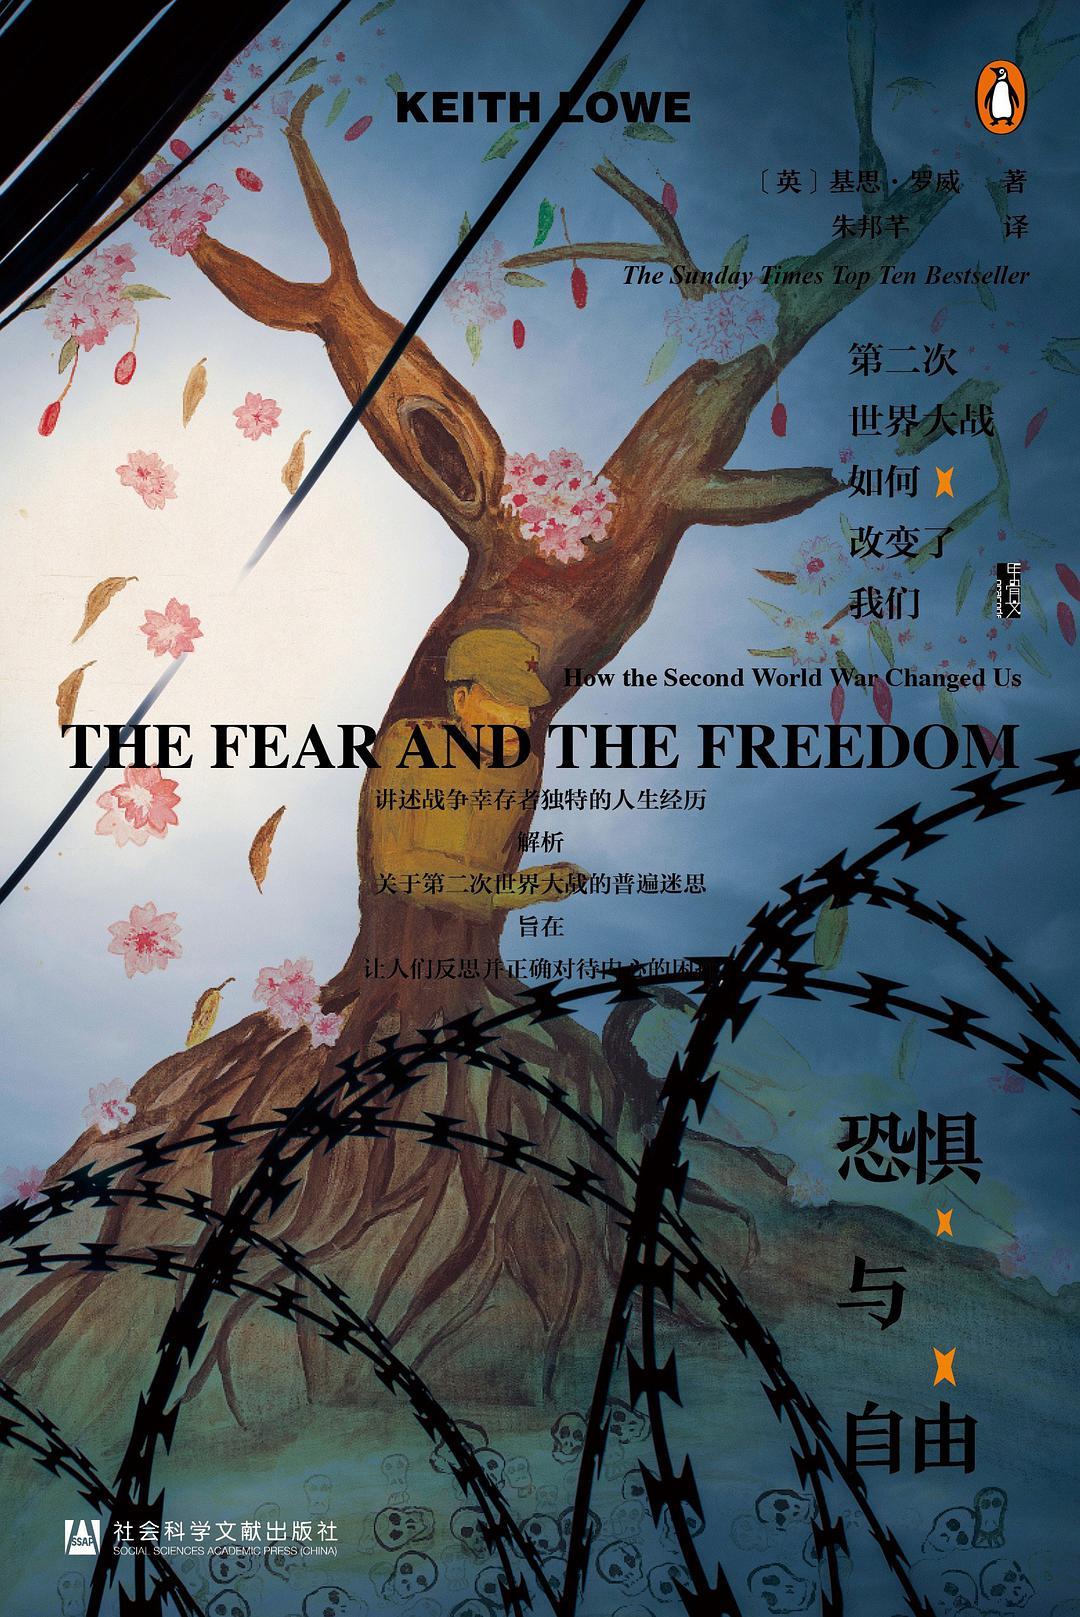 《恐惧与自由:第二次世界大战如何改变了我们》,[英] 基思·罗威著,朱邦芊译,社会科学文献出版社,2020年7月版,637页,99.00元